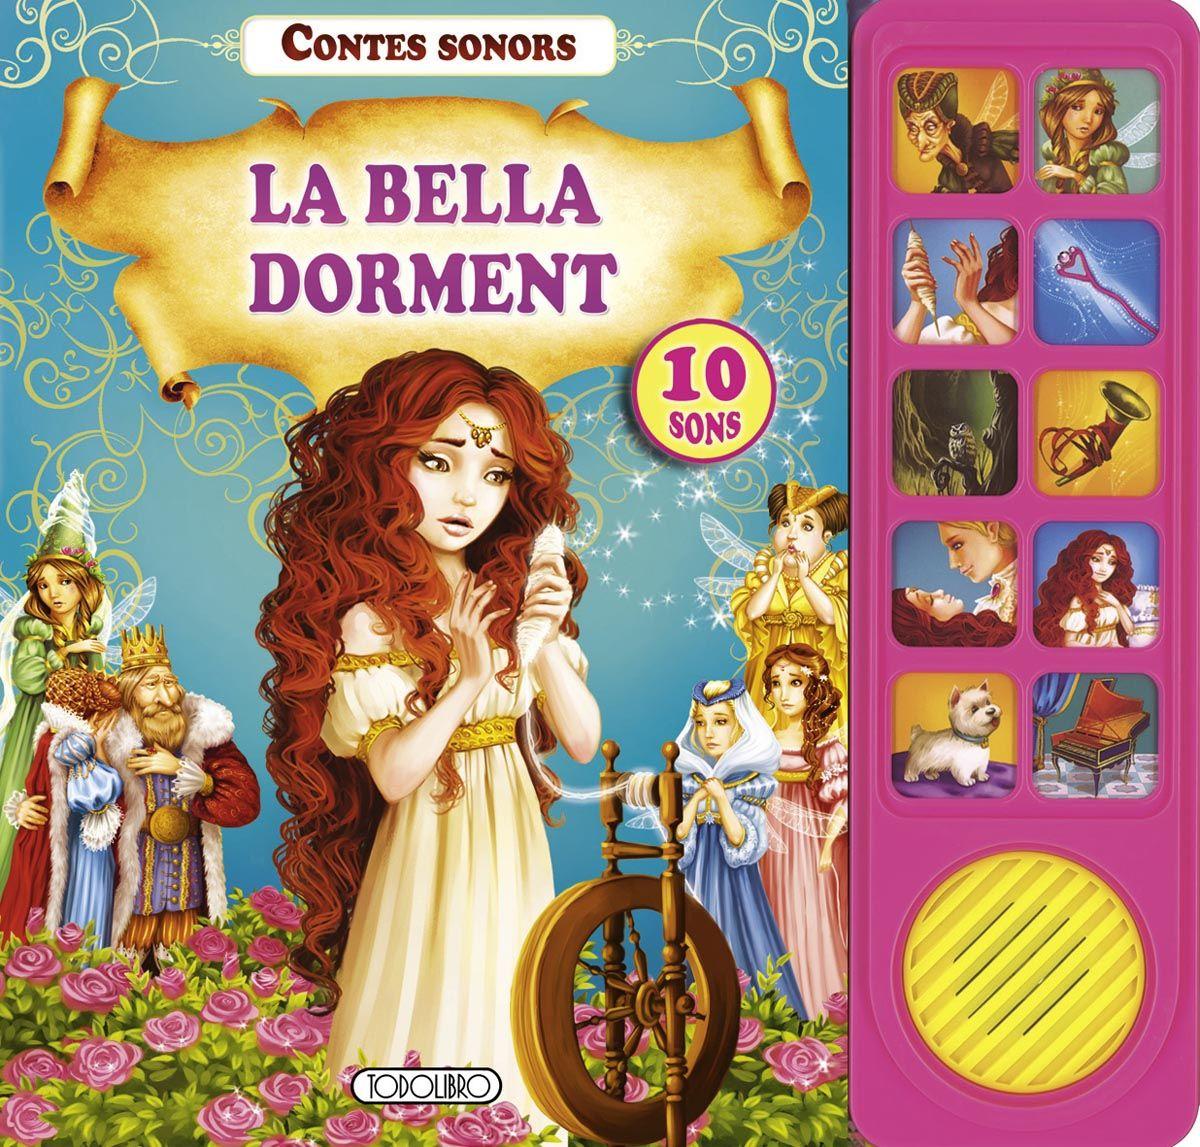 BELLA DORMENT LA (CONTES SONORS)